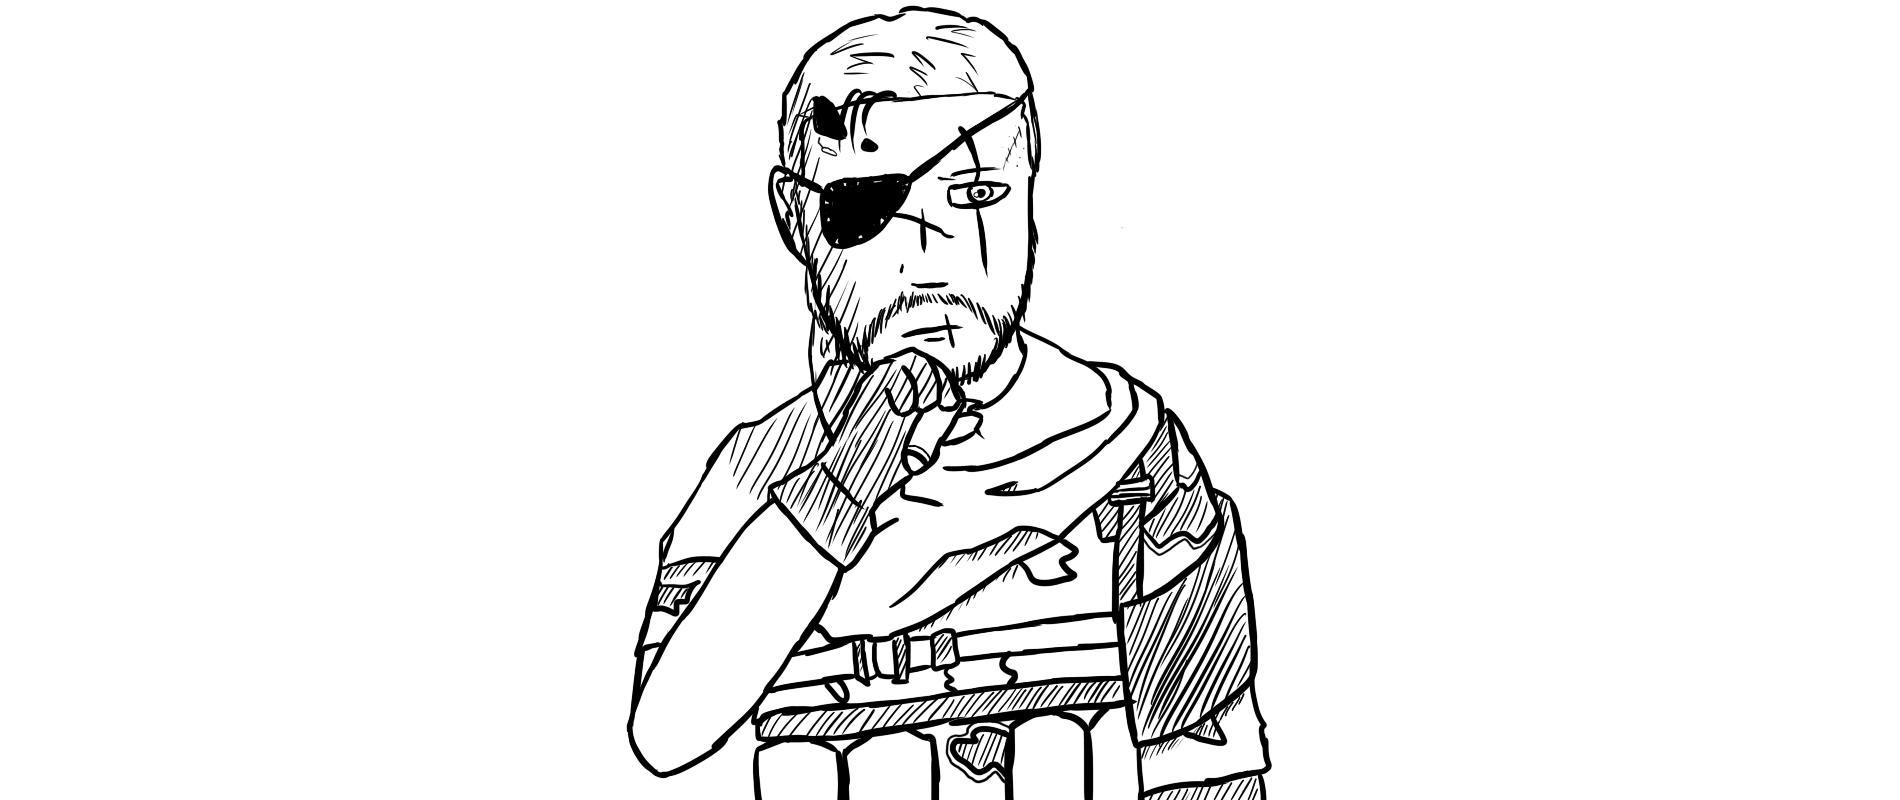 Punished Snake Sketchy Variant